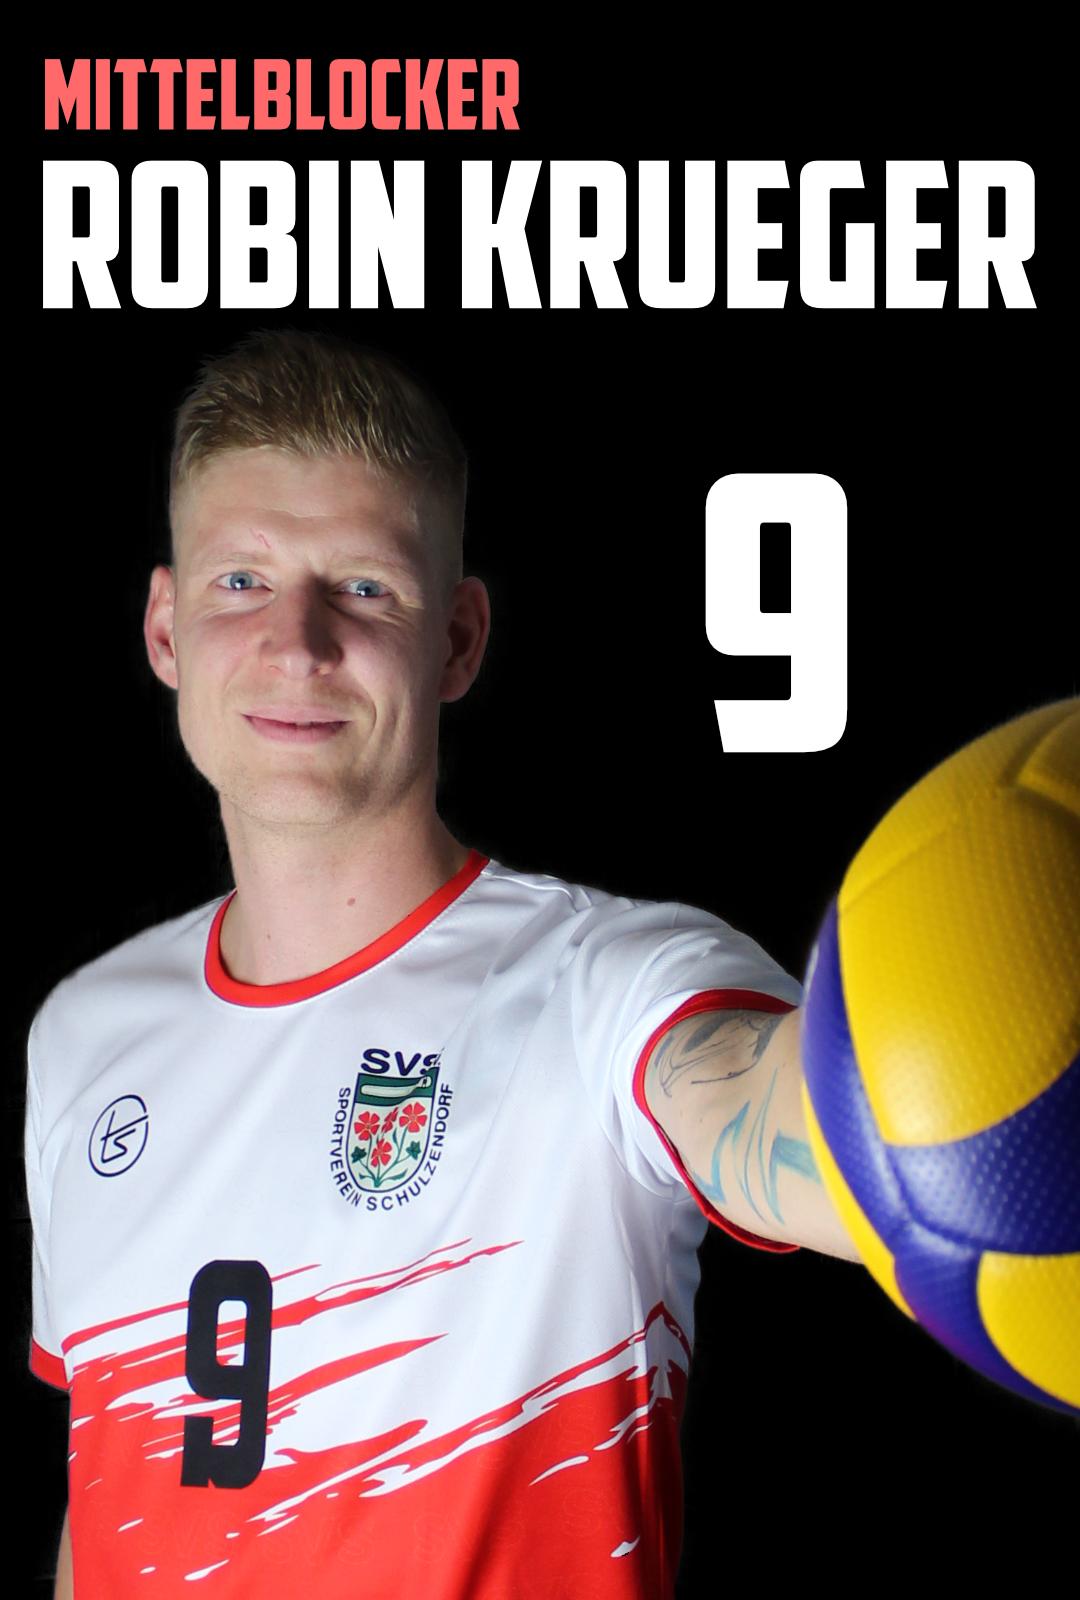 Robin Krüger